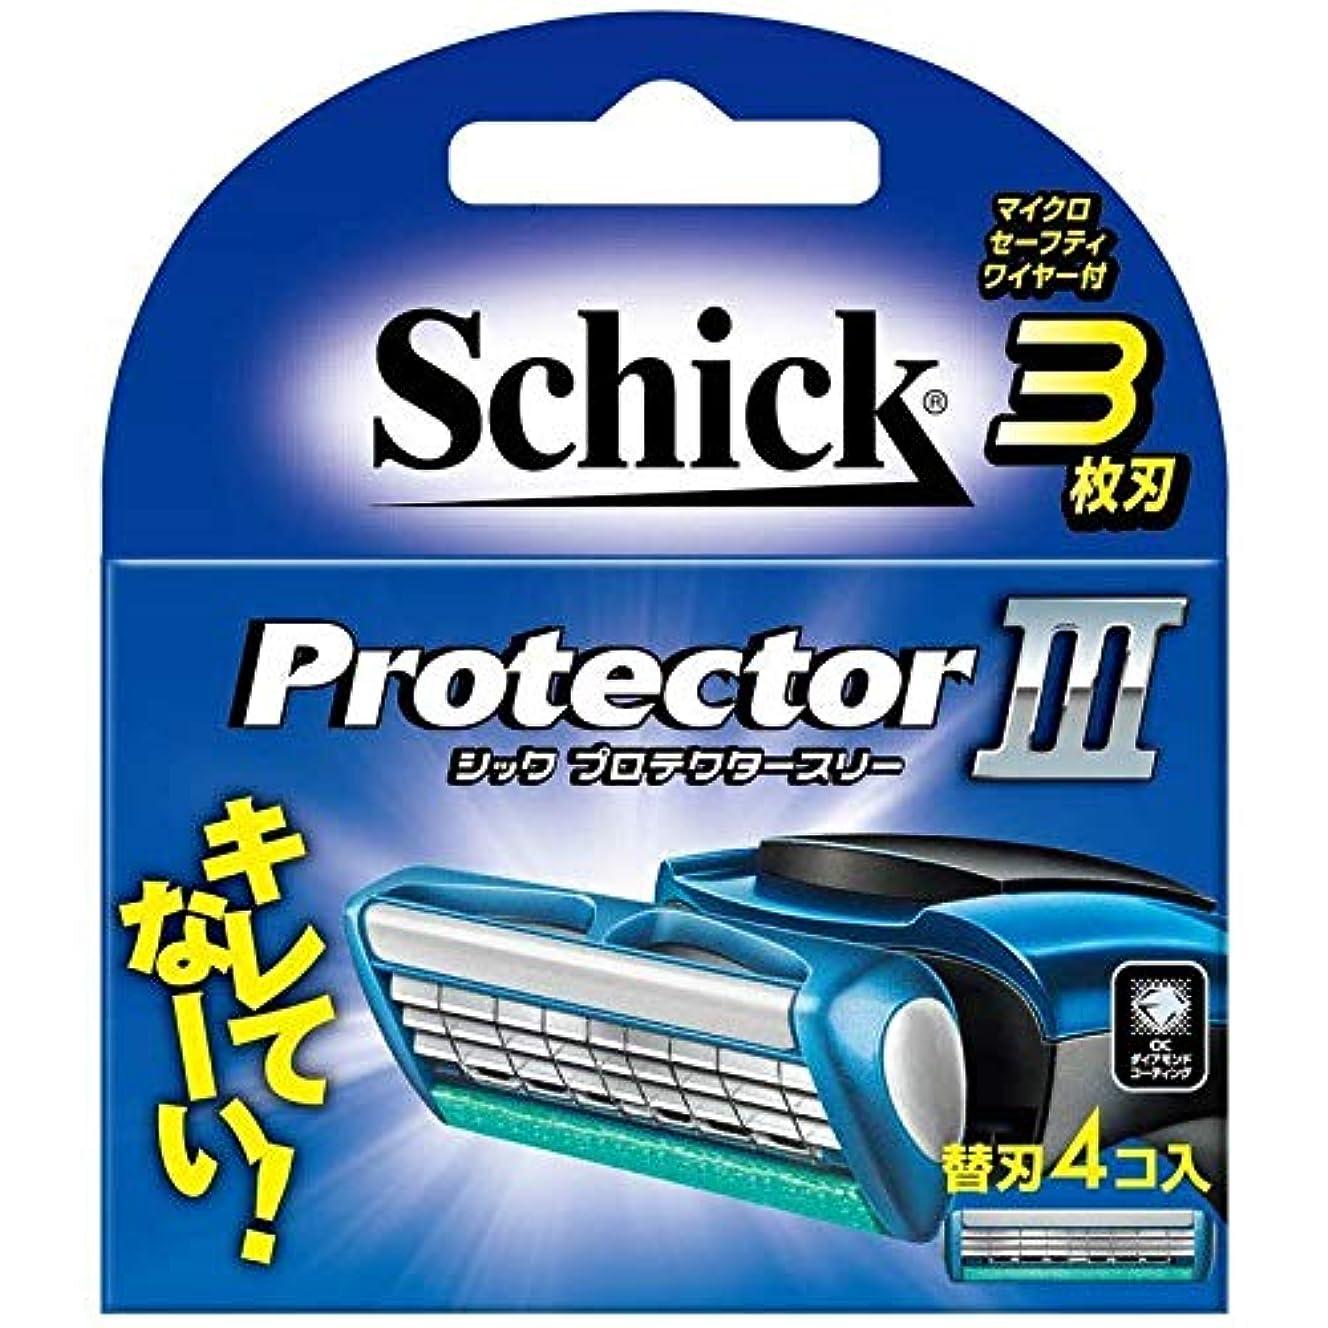 不健康著名な美人シック プロテクタースリー 替刃 (4コ入) 男性用カミソリ 3個セット